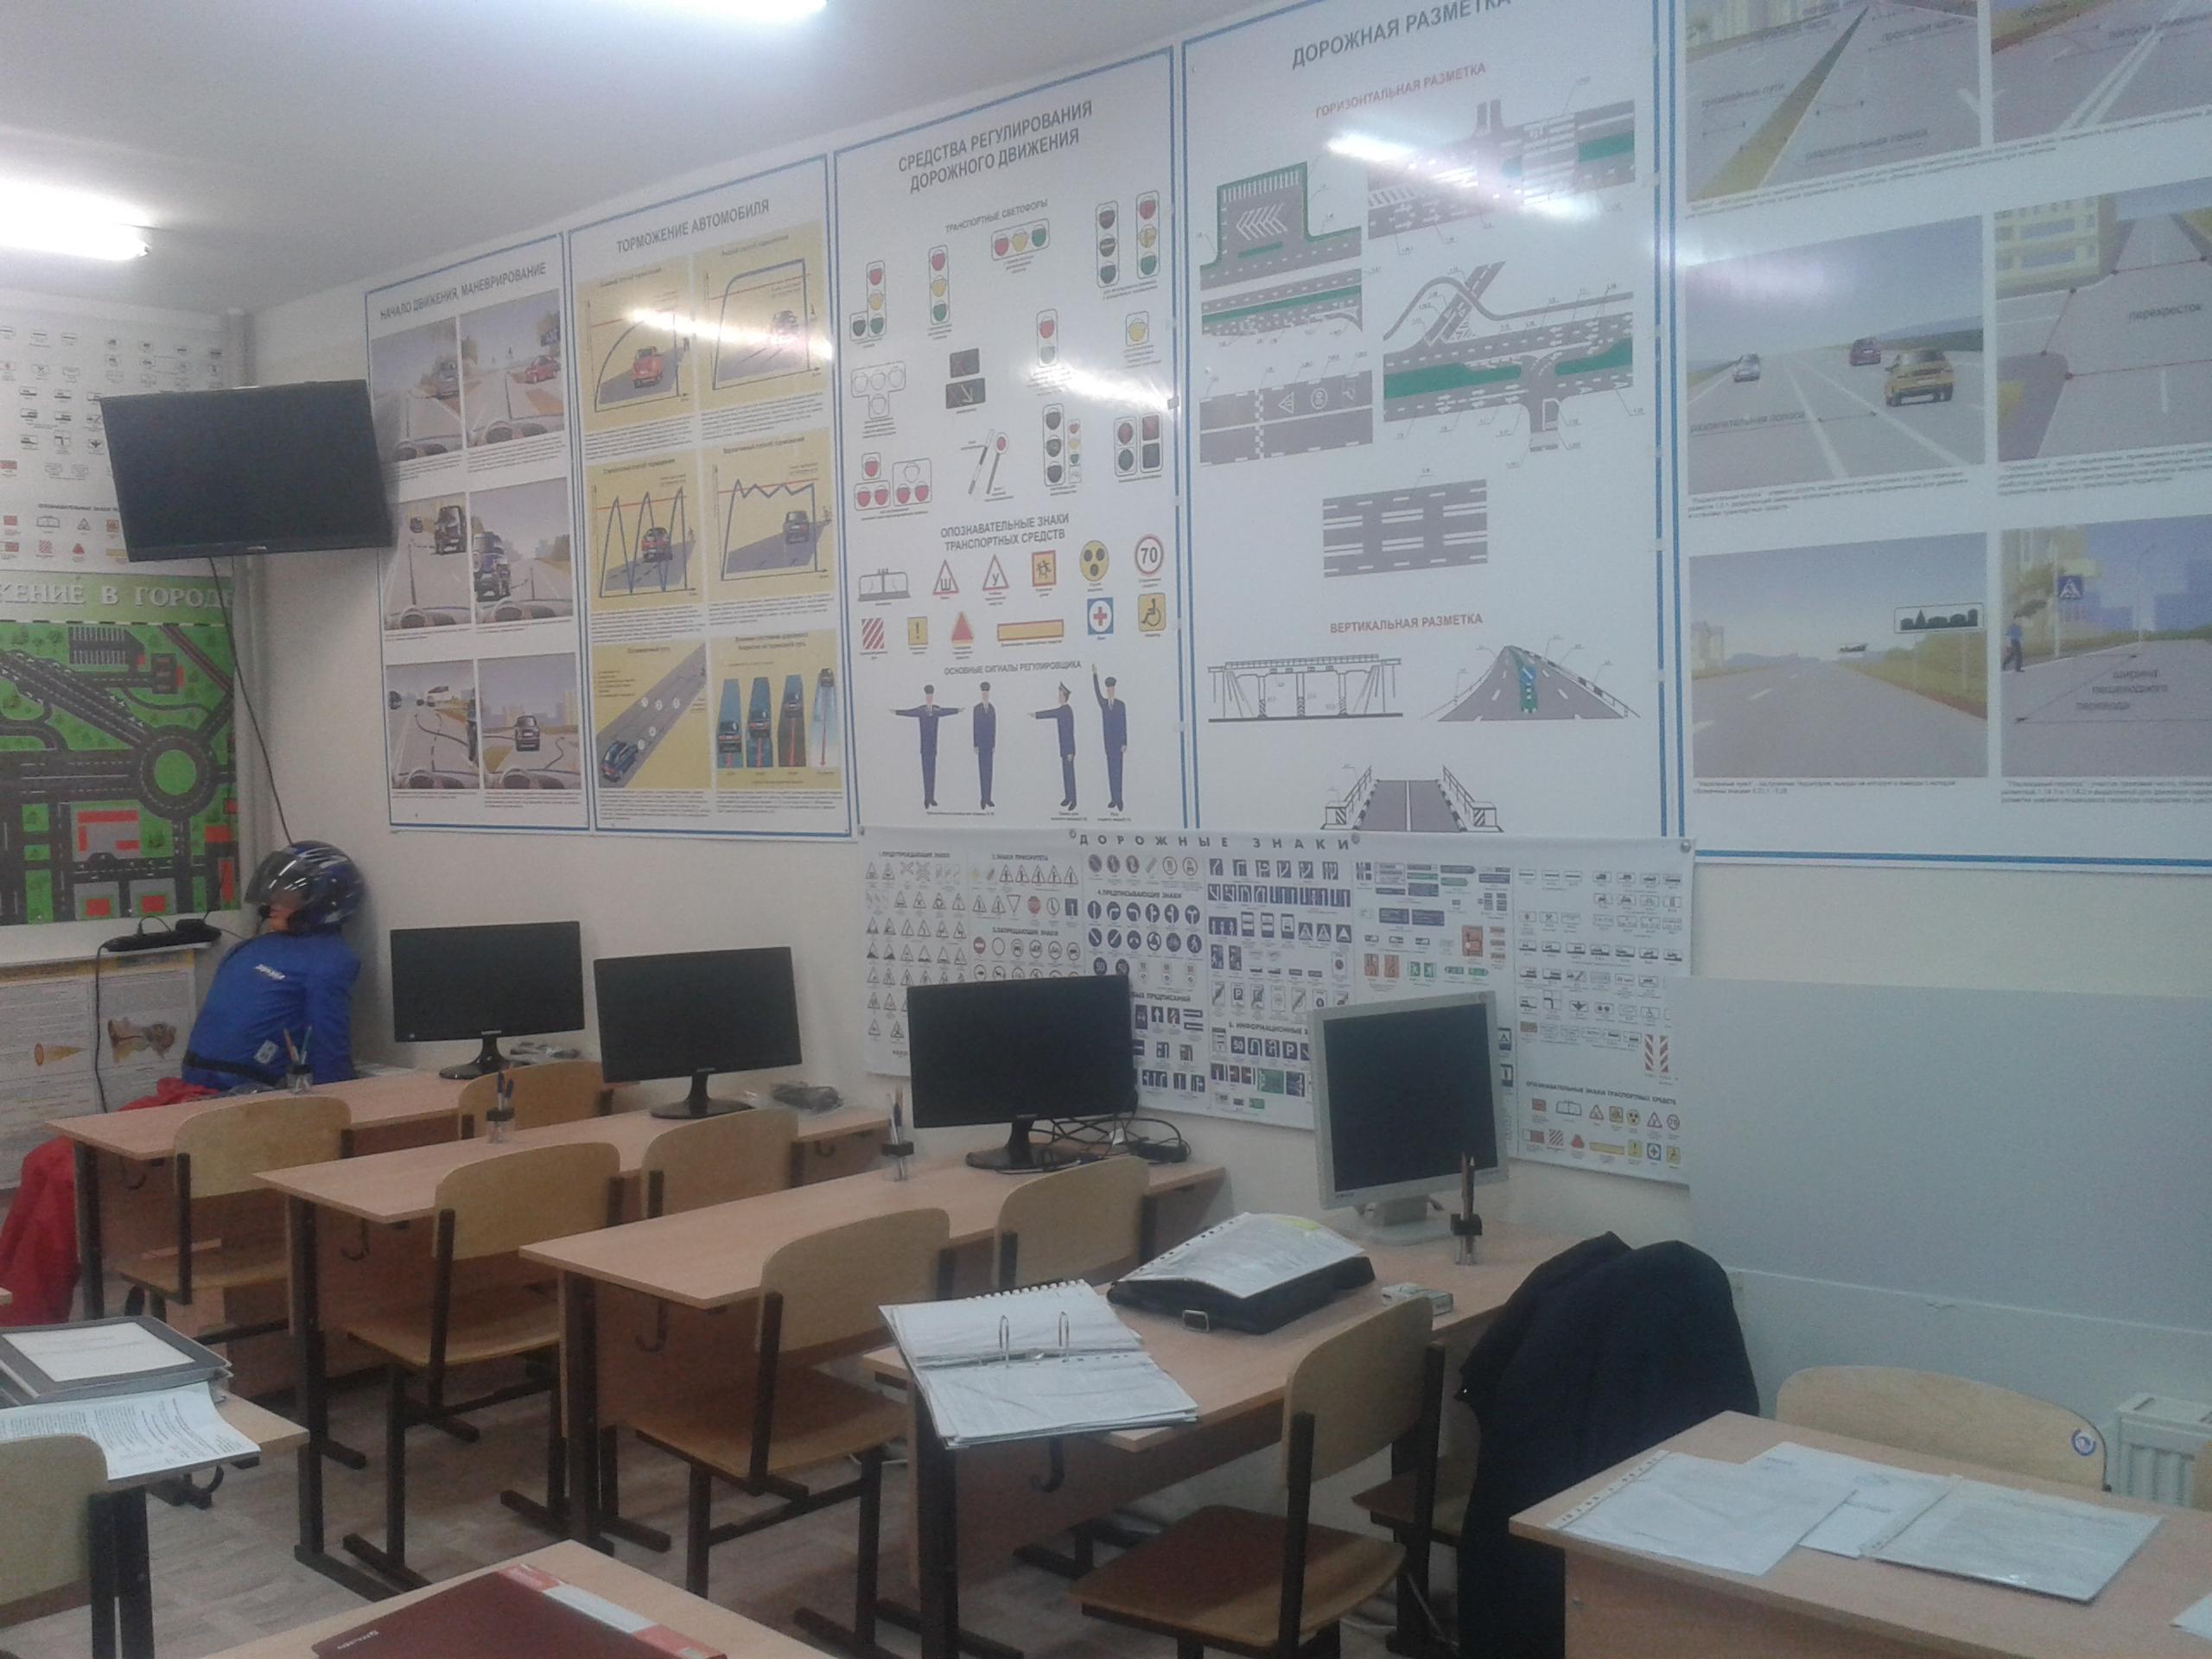 учебный кабинет Автошколы  (3).jpg